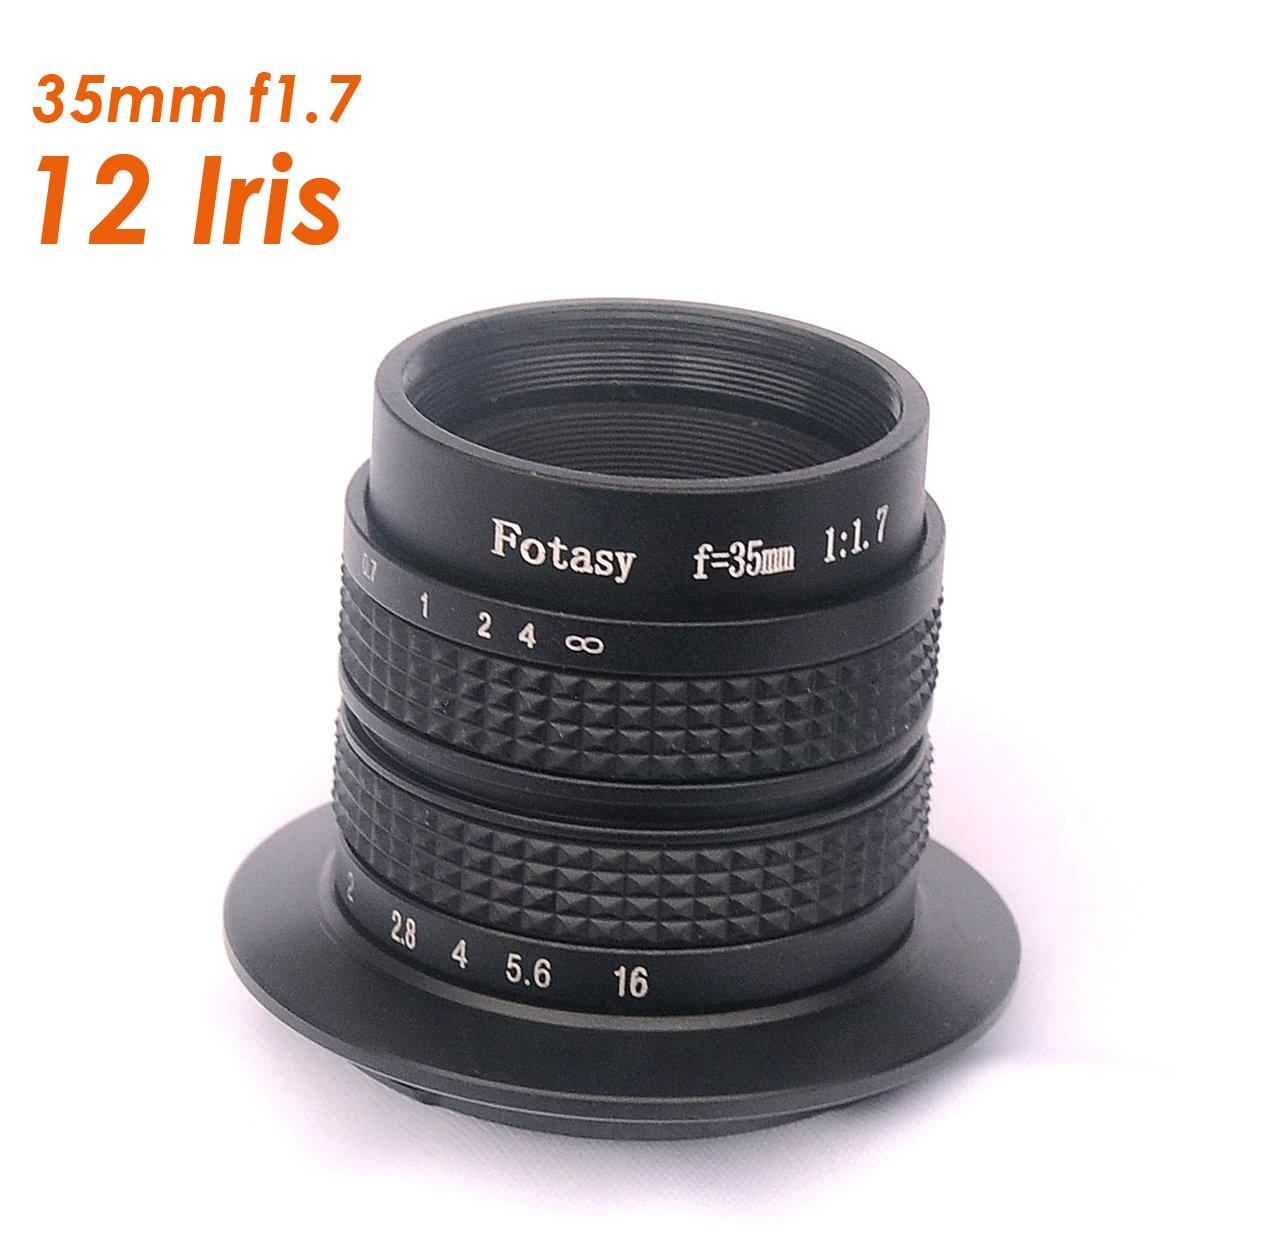 Fotasy N35 35MM F1.7 CCTV Movie Lens for Sony E-Mount NEX Mirrorless Cameras by Fotasy